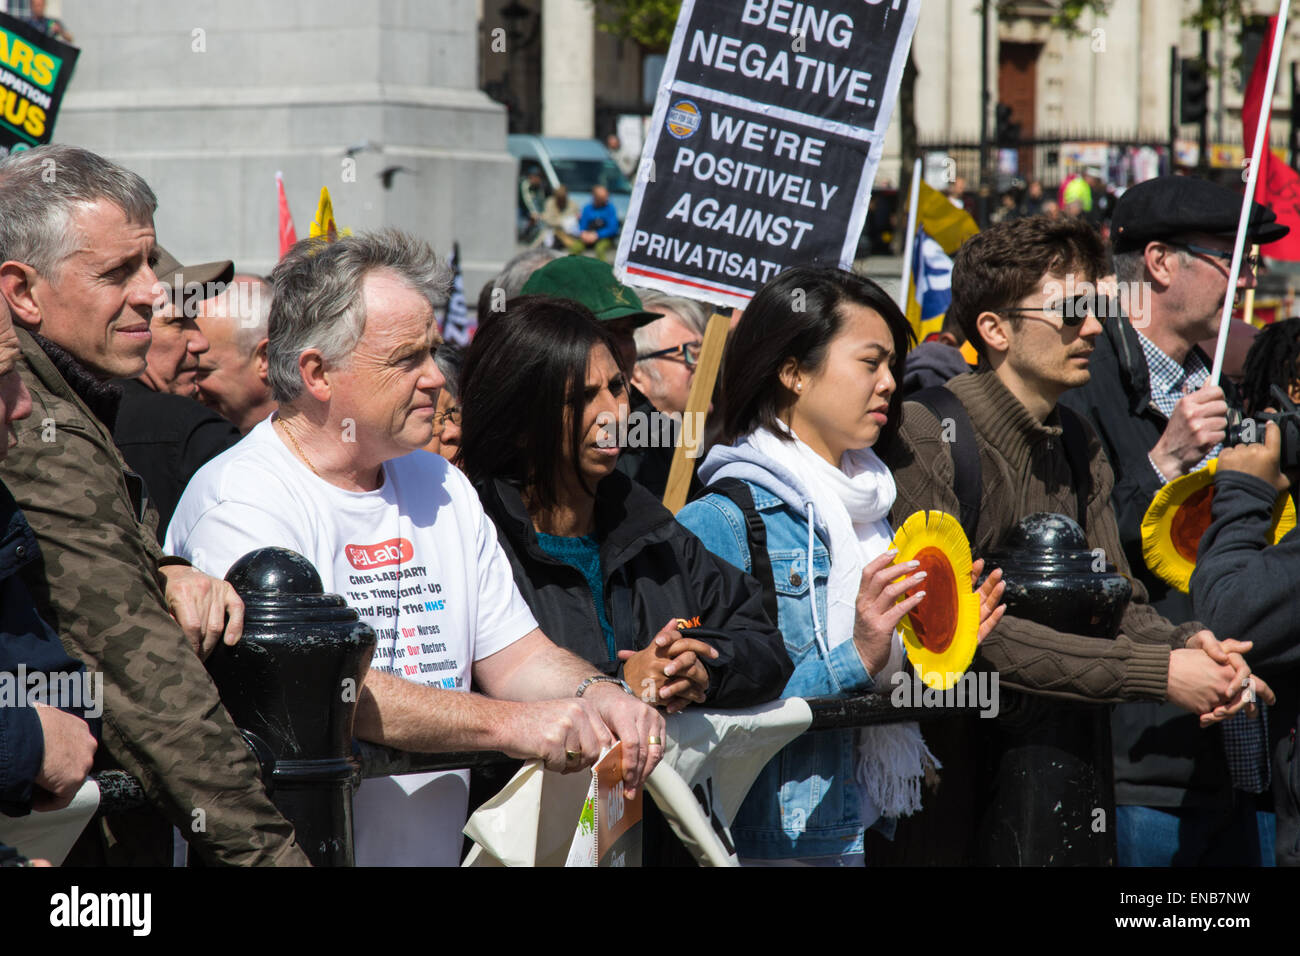 Londres, Reino Unido. El 1 de mayo de 2015. Cientos de trabajadores y sindicalistas de todo el Reino Unido están Imagen De Stock